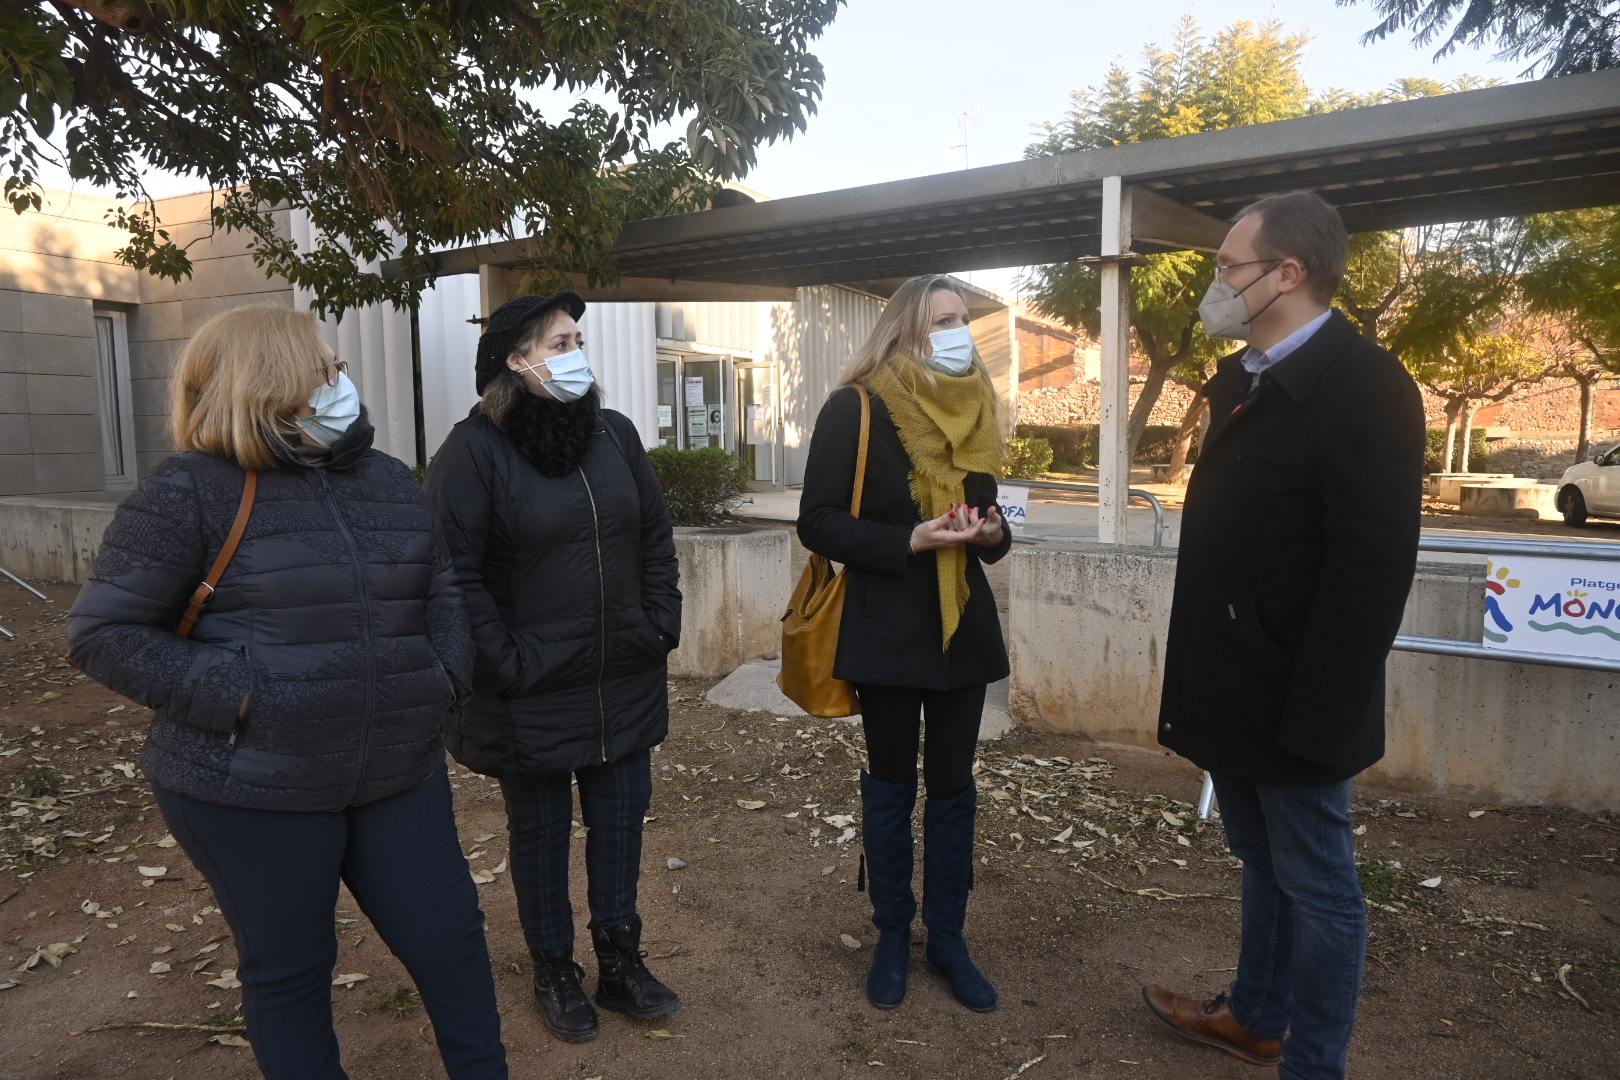 Blanch (PSPV-PSOE) pone la ampliación del centro de salud de Moncofa como ejemplo de la apuesta del Gobierno del Botánico por unos servicios públicos dignos